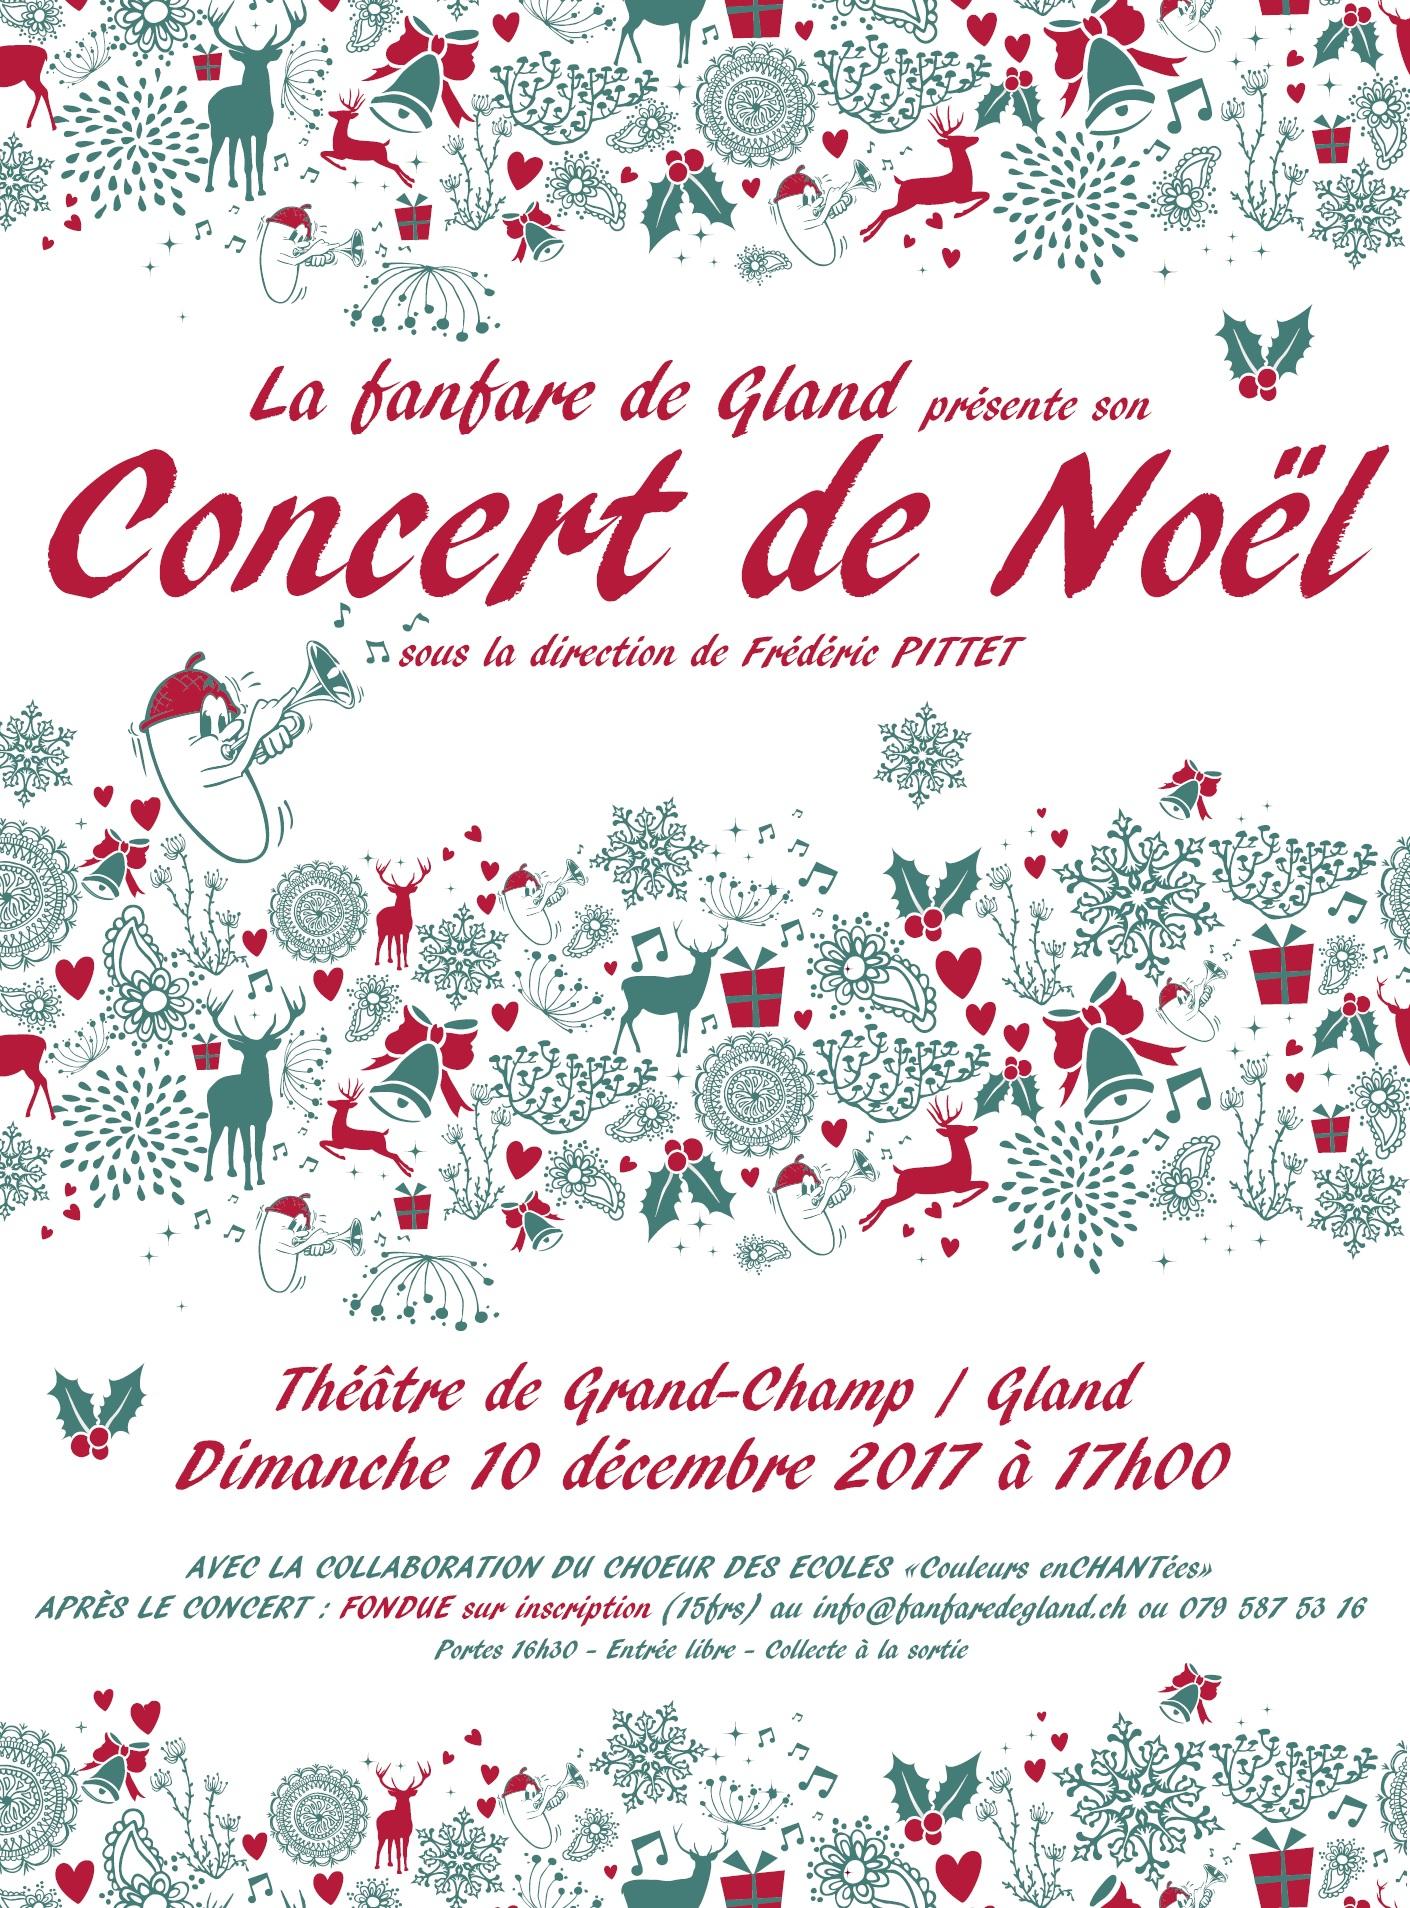 2017 Concert Noel